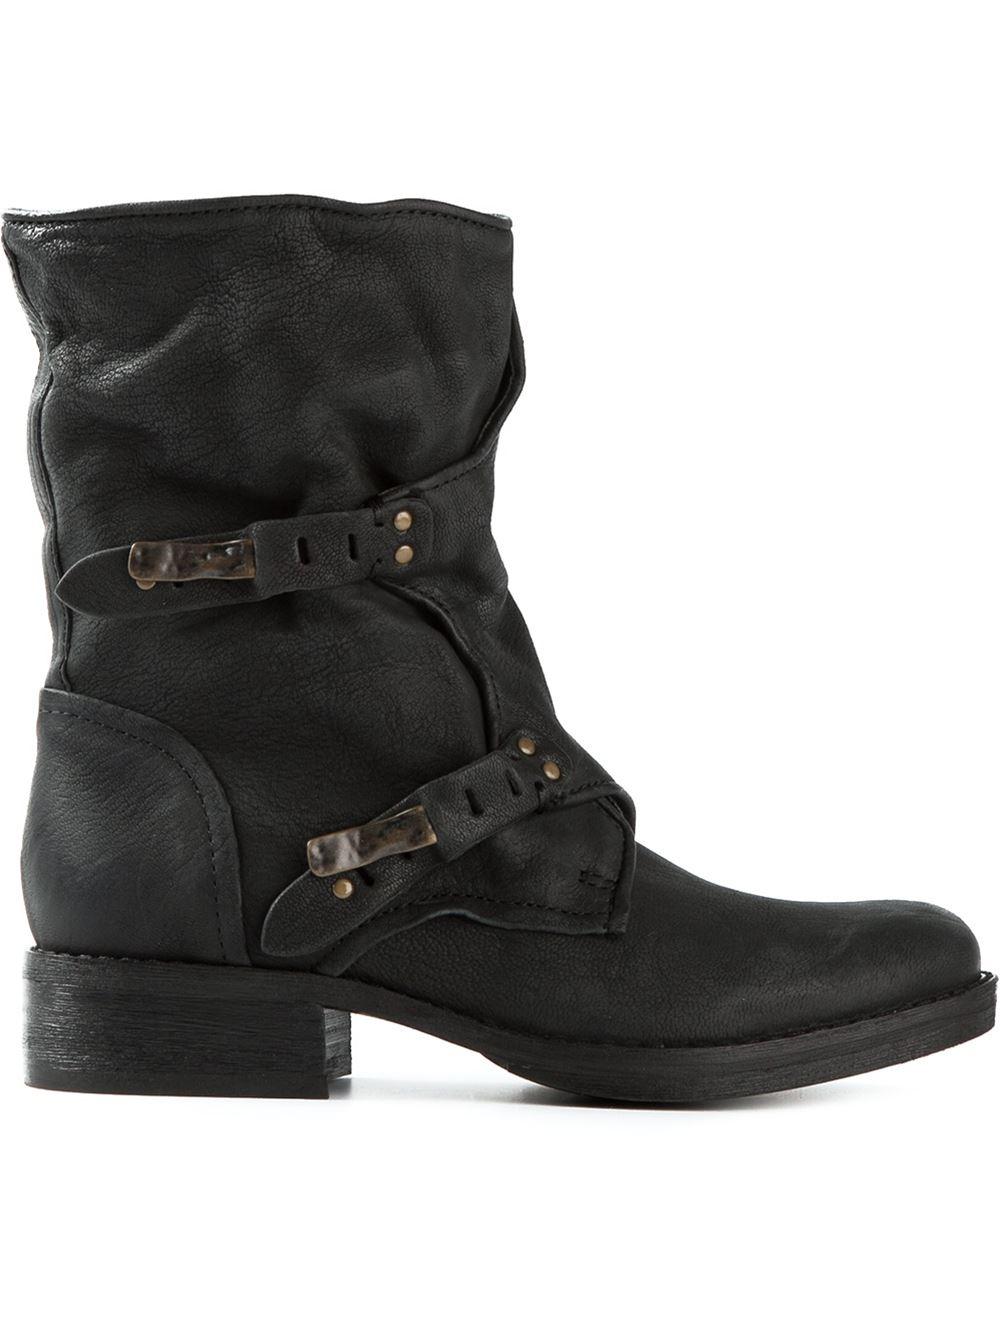 1a0b9a21a1a3b Lyst - Sam Edelman  Ridge  Boots in Black